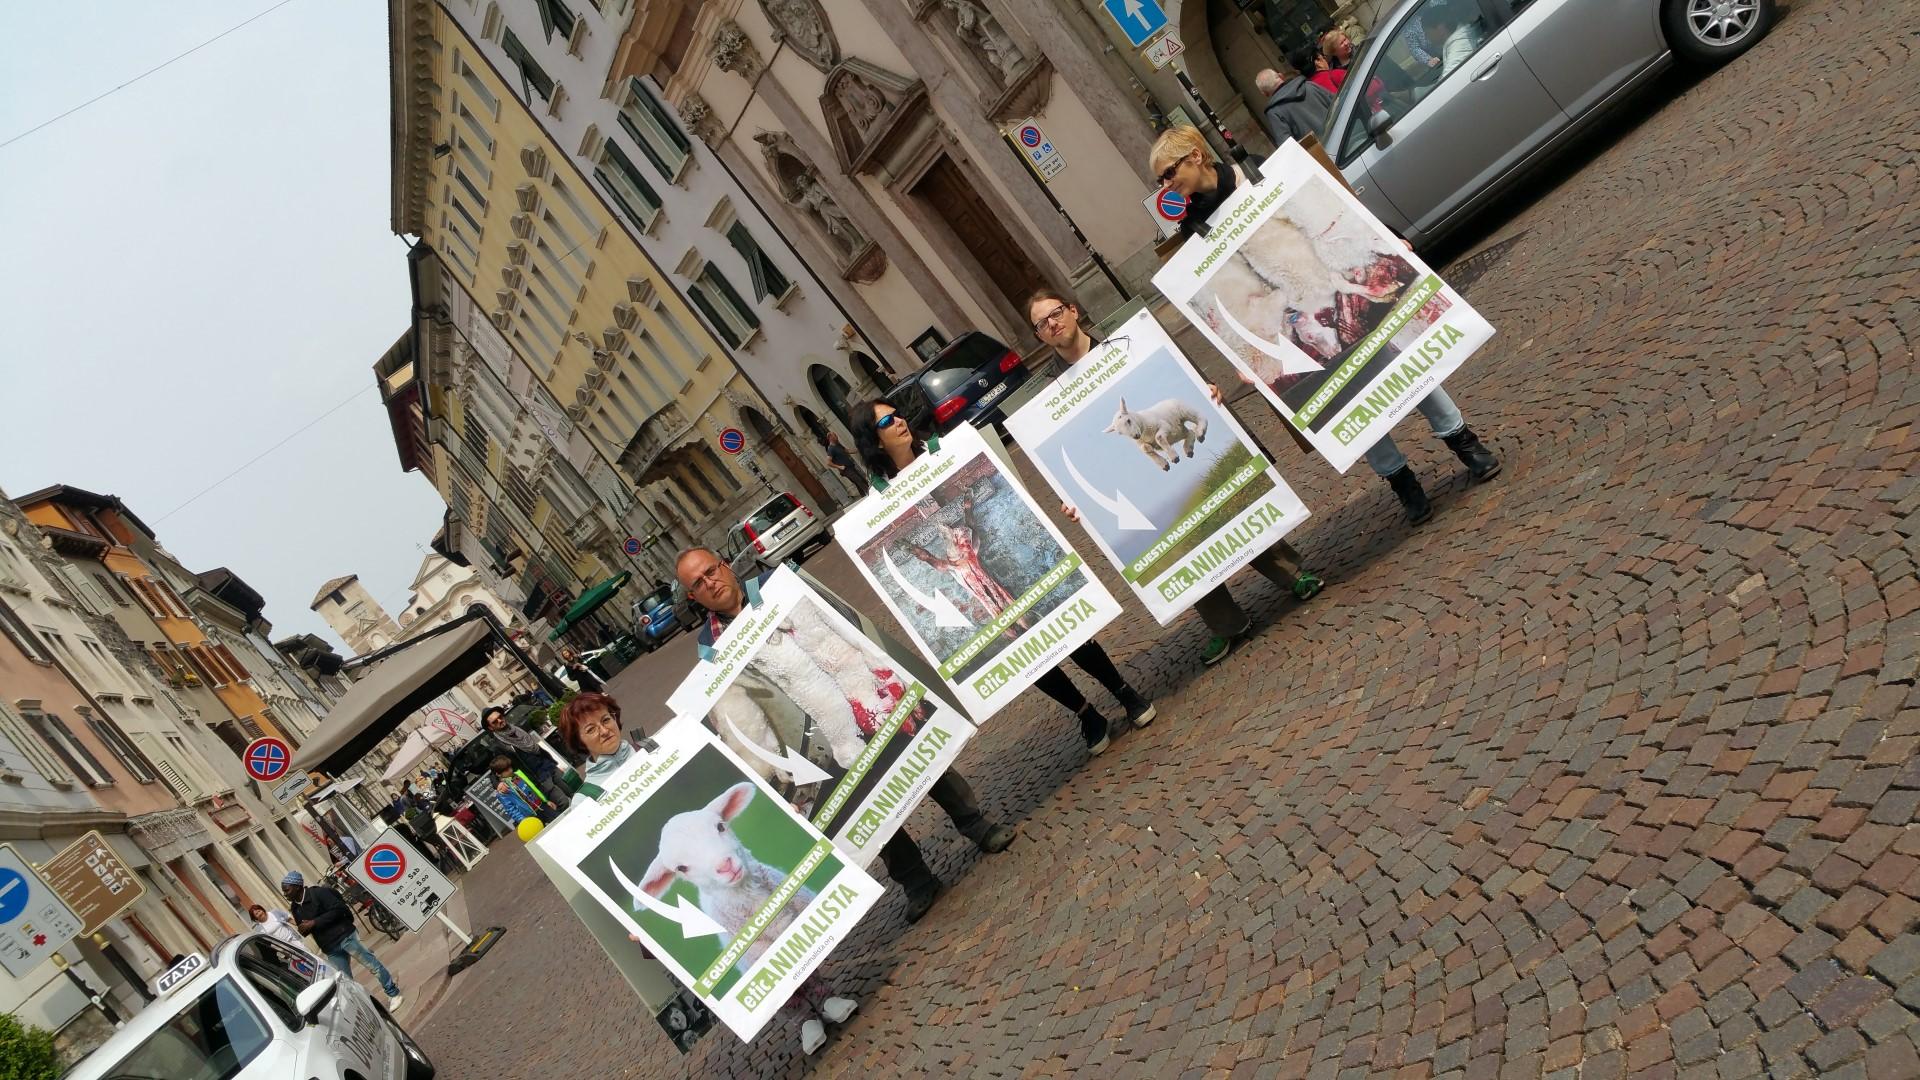 20170415 122342 - Manifestazione di protesta contro il massacro Pasquale degli agnelli e capretti 15 Aprile 2017